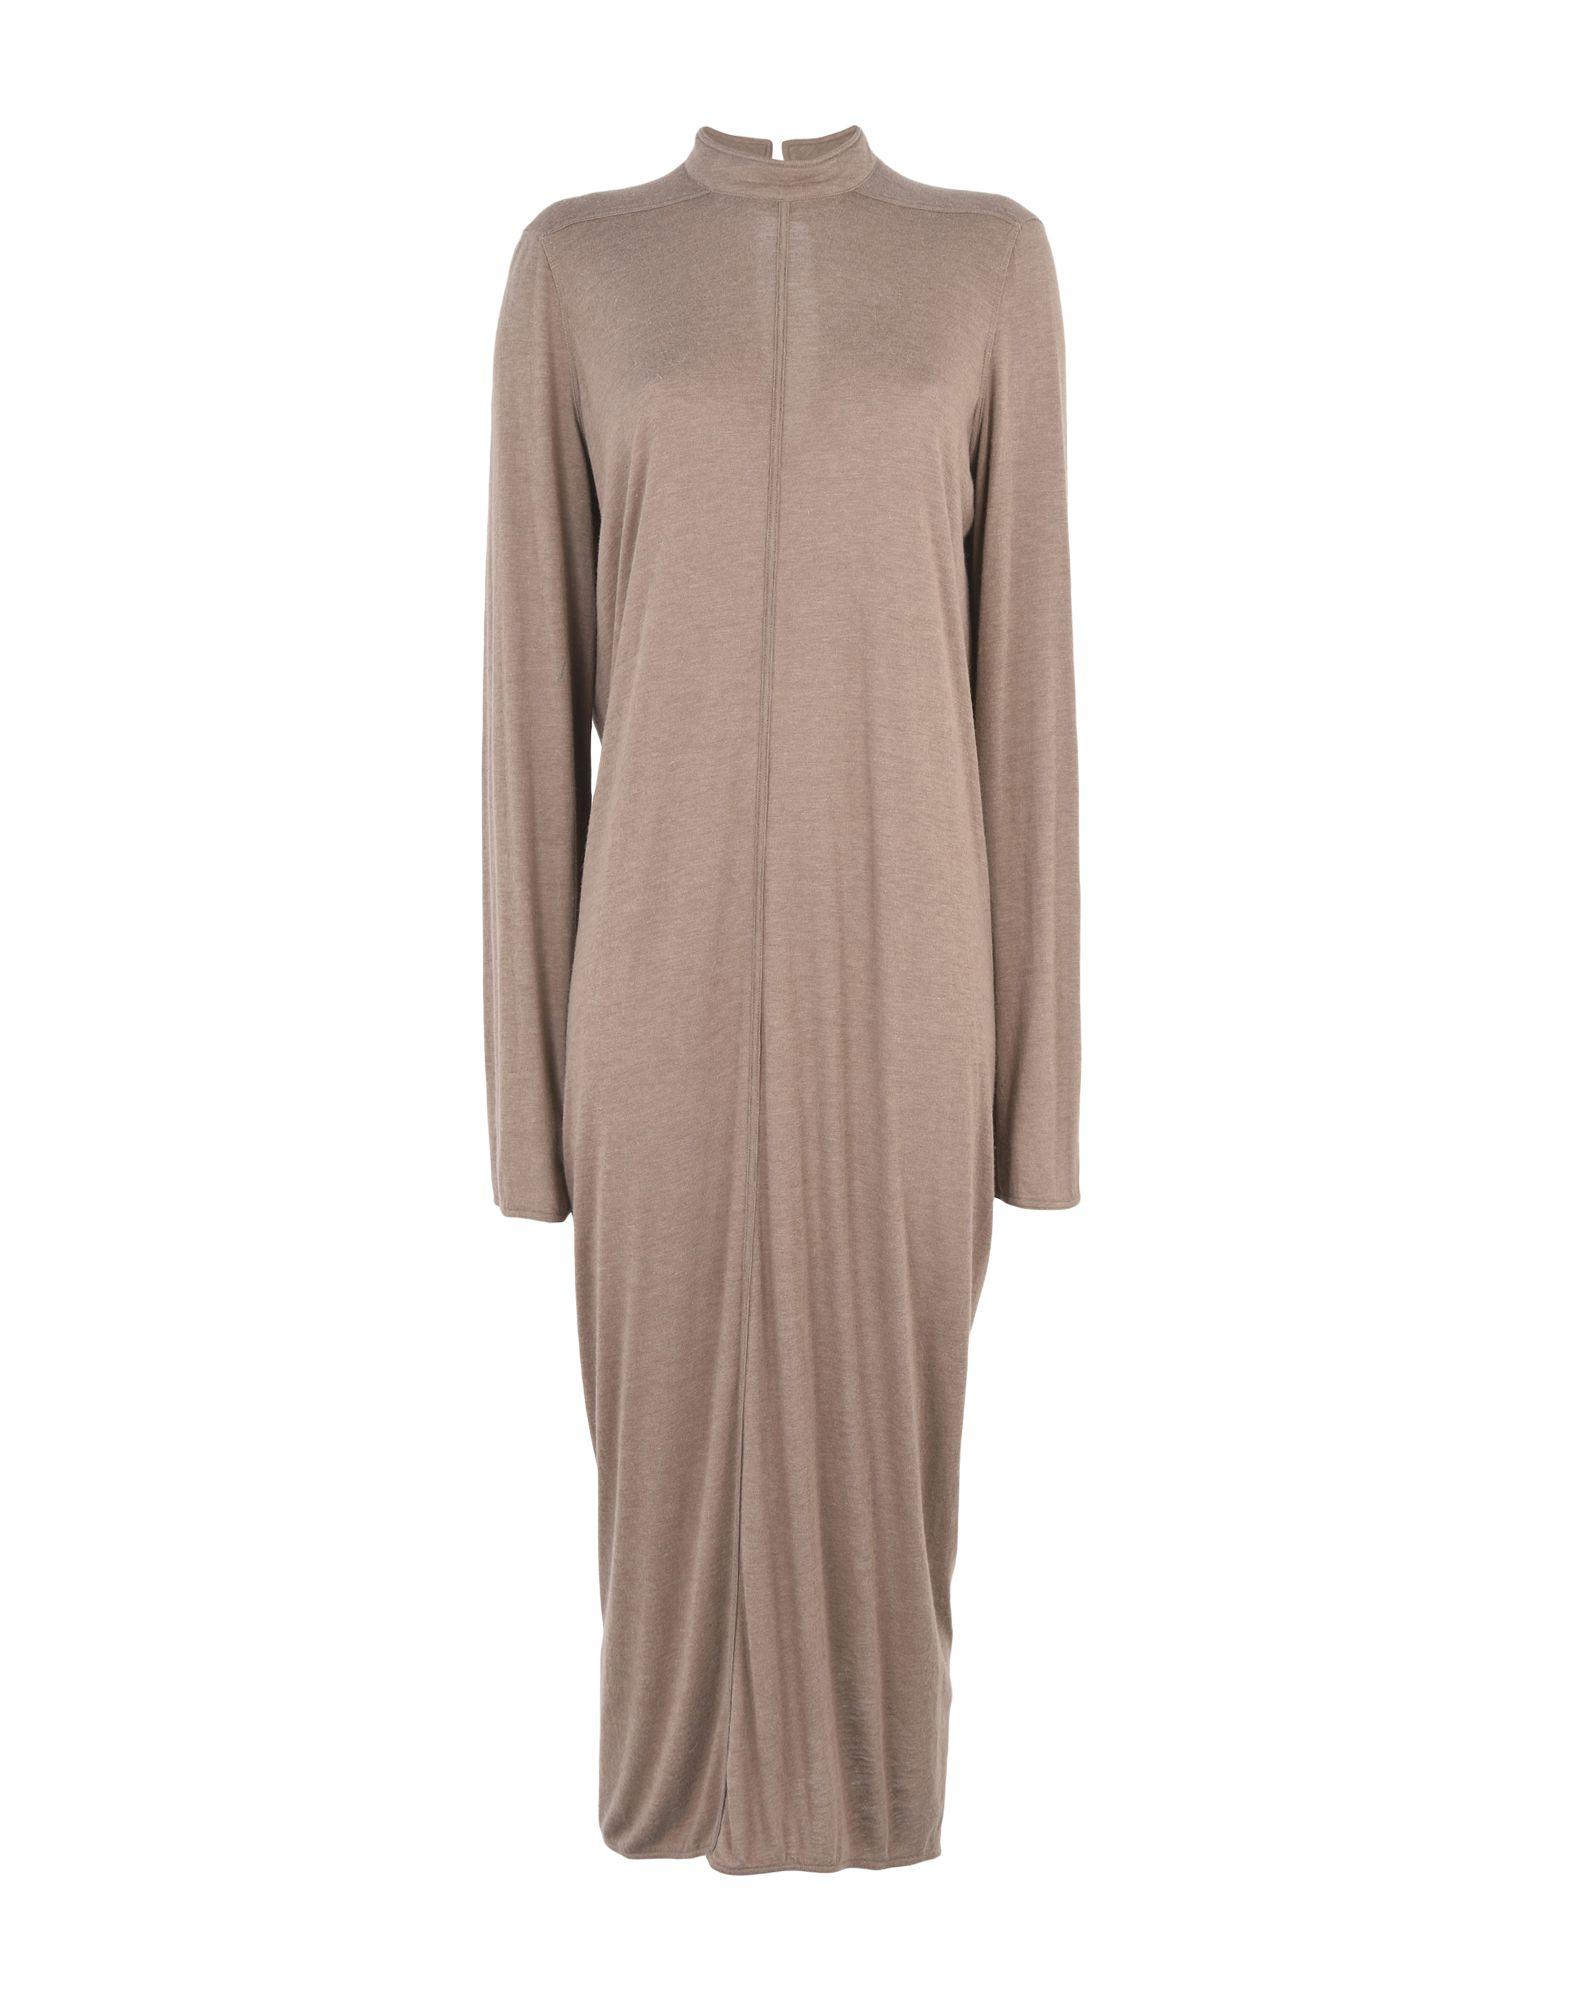 RICK OWENS LILIES Платье длиной 3/4 lisa corti платье длиной 3 4